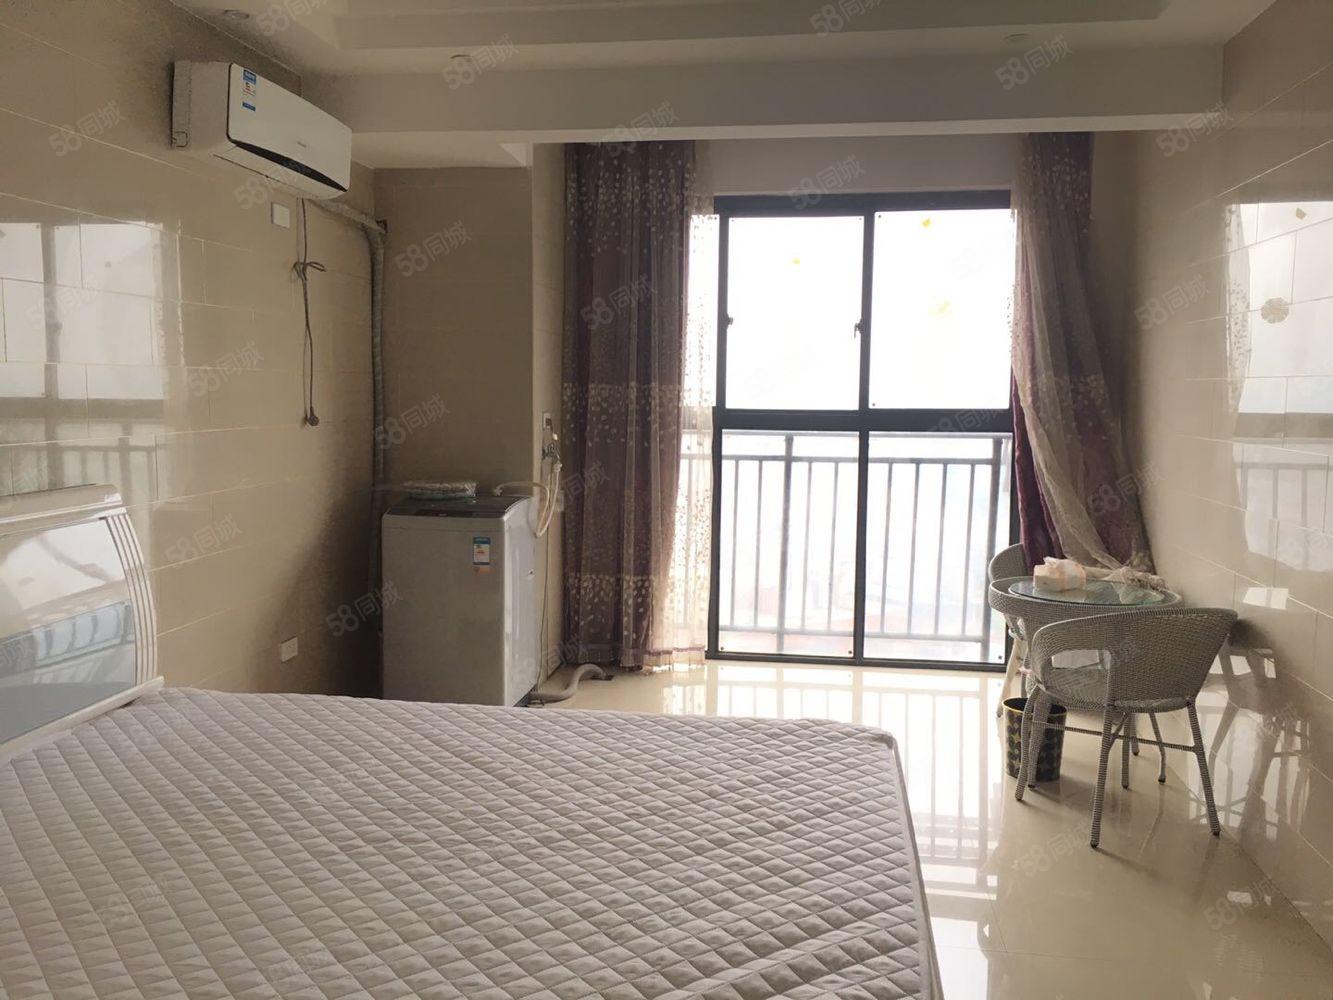 香寓公寓精裝修拎包入住隨時可以看房